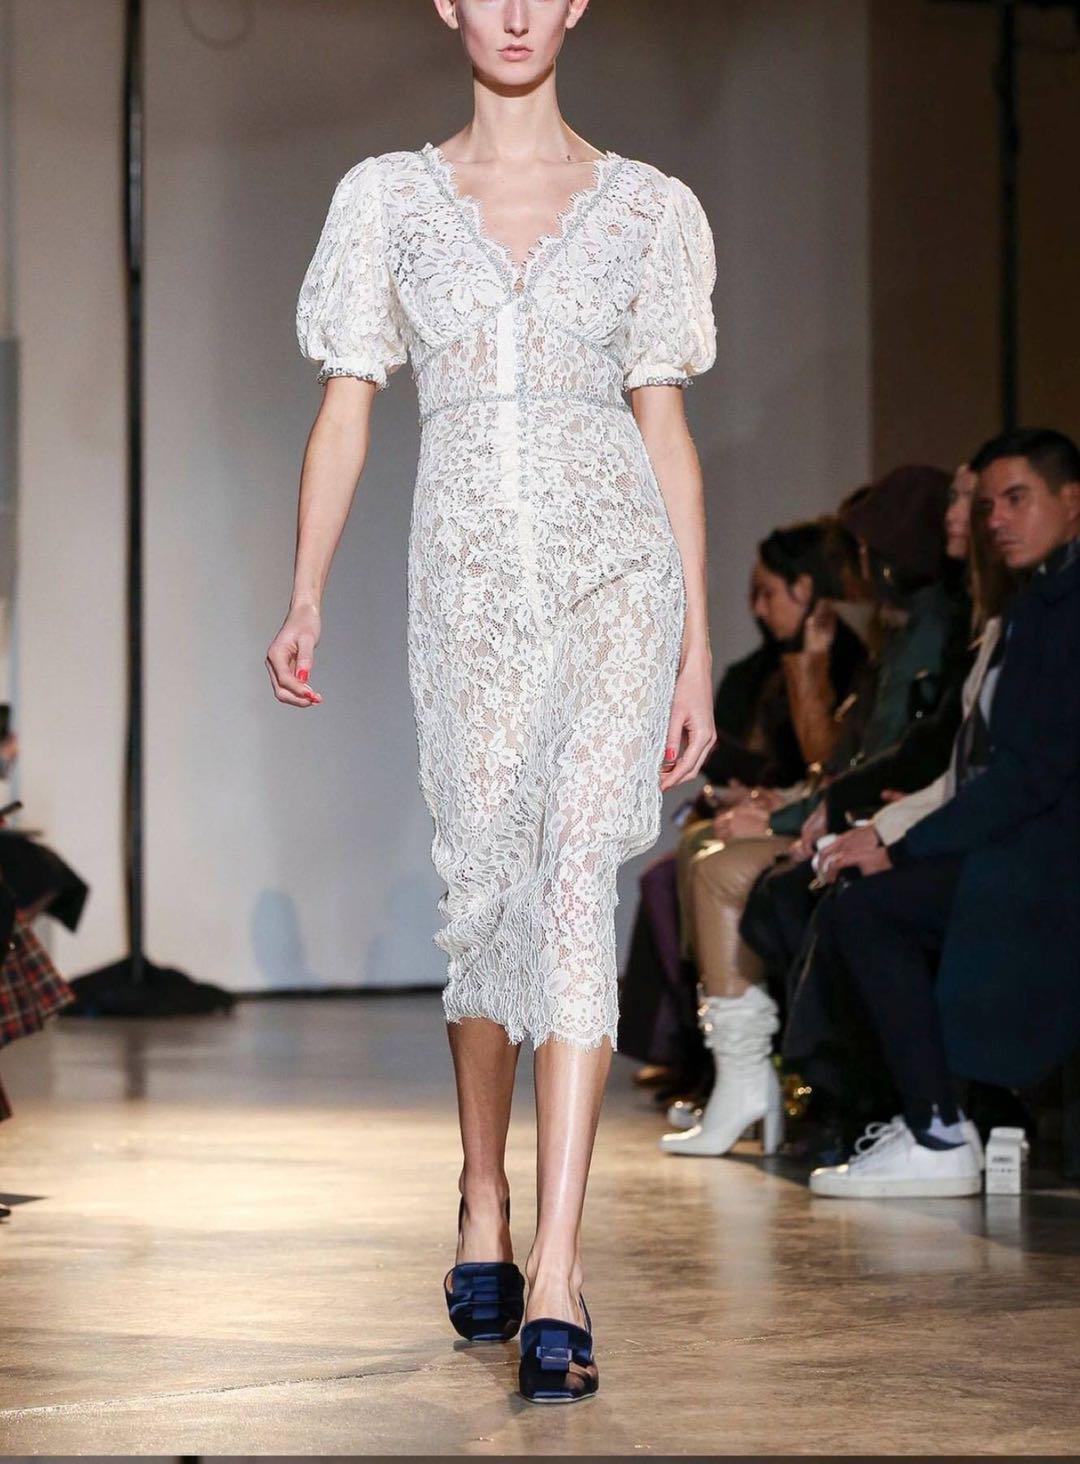 蕾丝连衣裙 2020春夏新款法式简约优雅气质性感女人味修身显瘦V领蕾丝连衣裙_推荐淘宝好看的蕾丝连衣裙